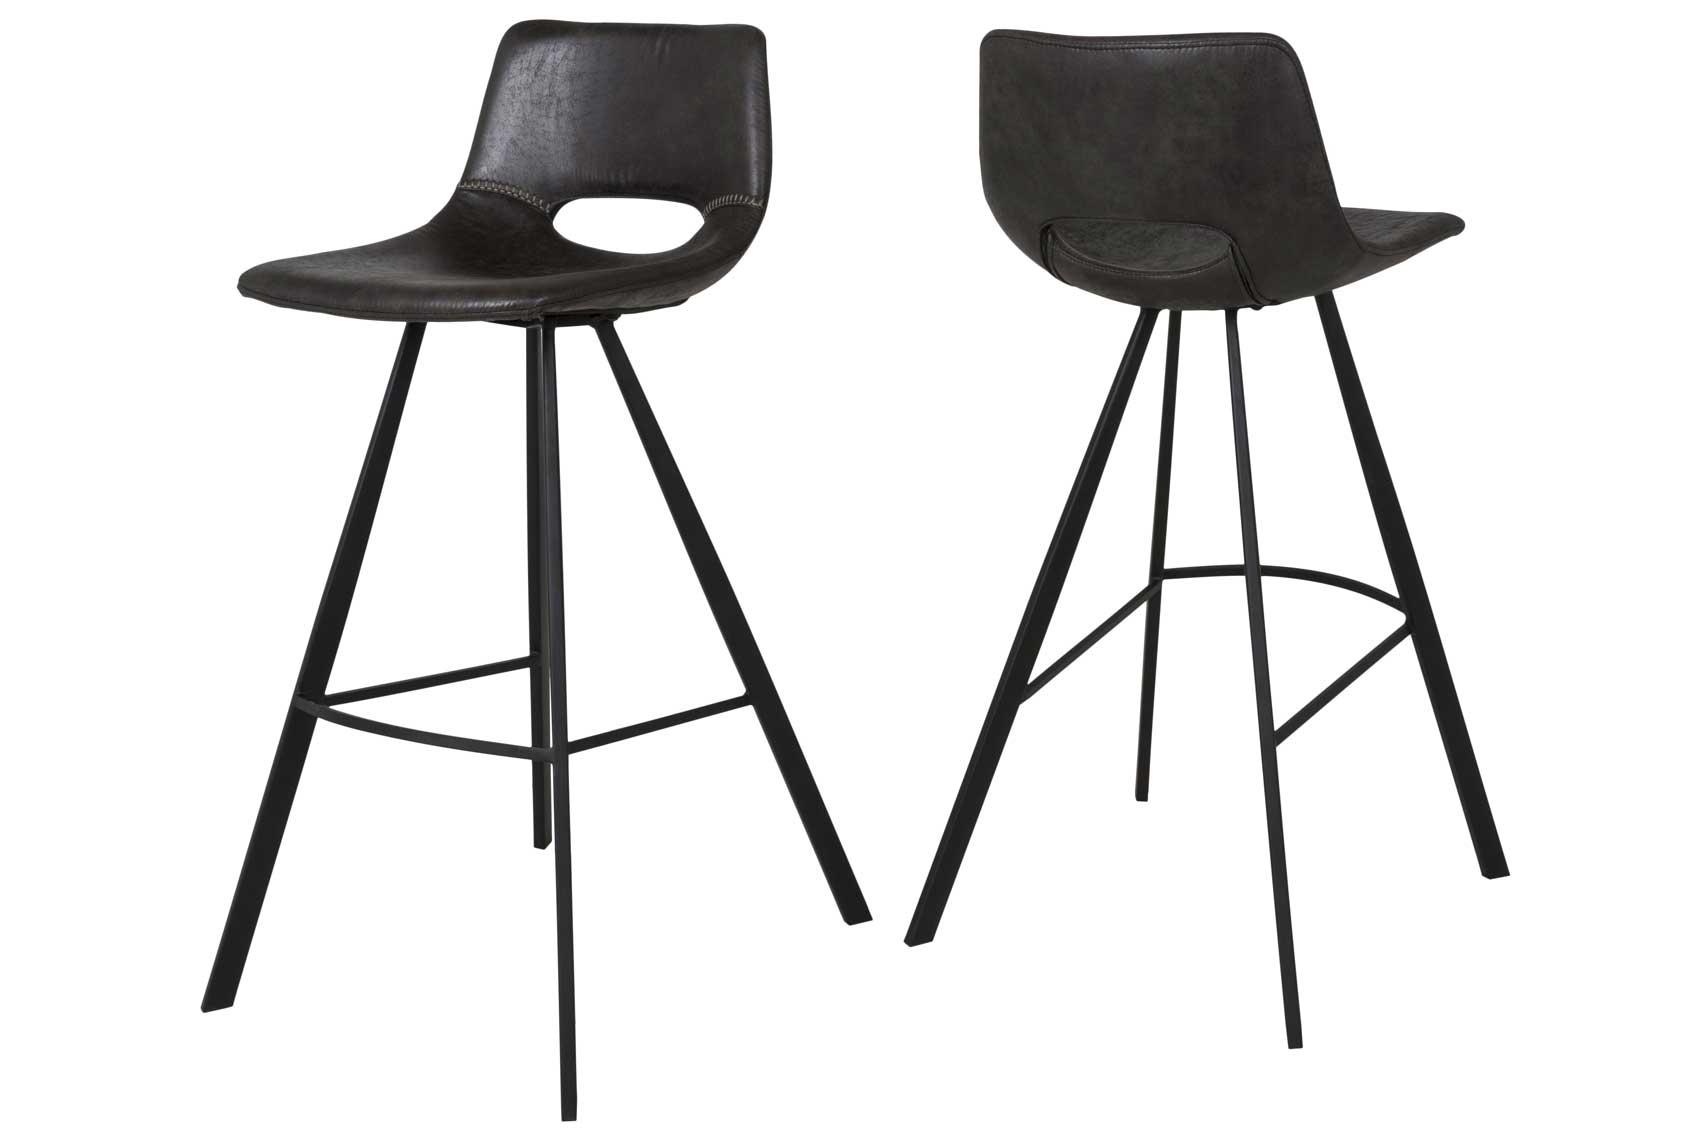 canett Coronas barstol på boboonline.dk